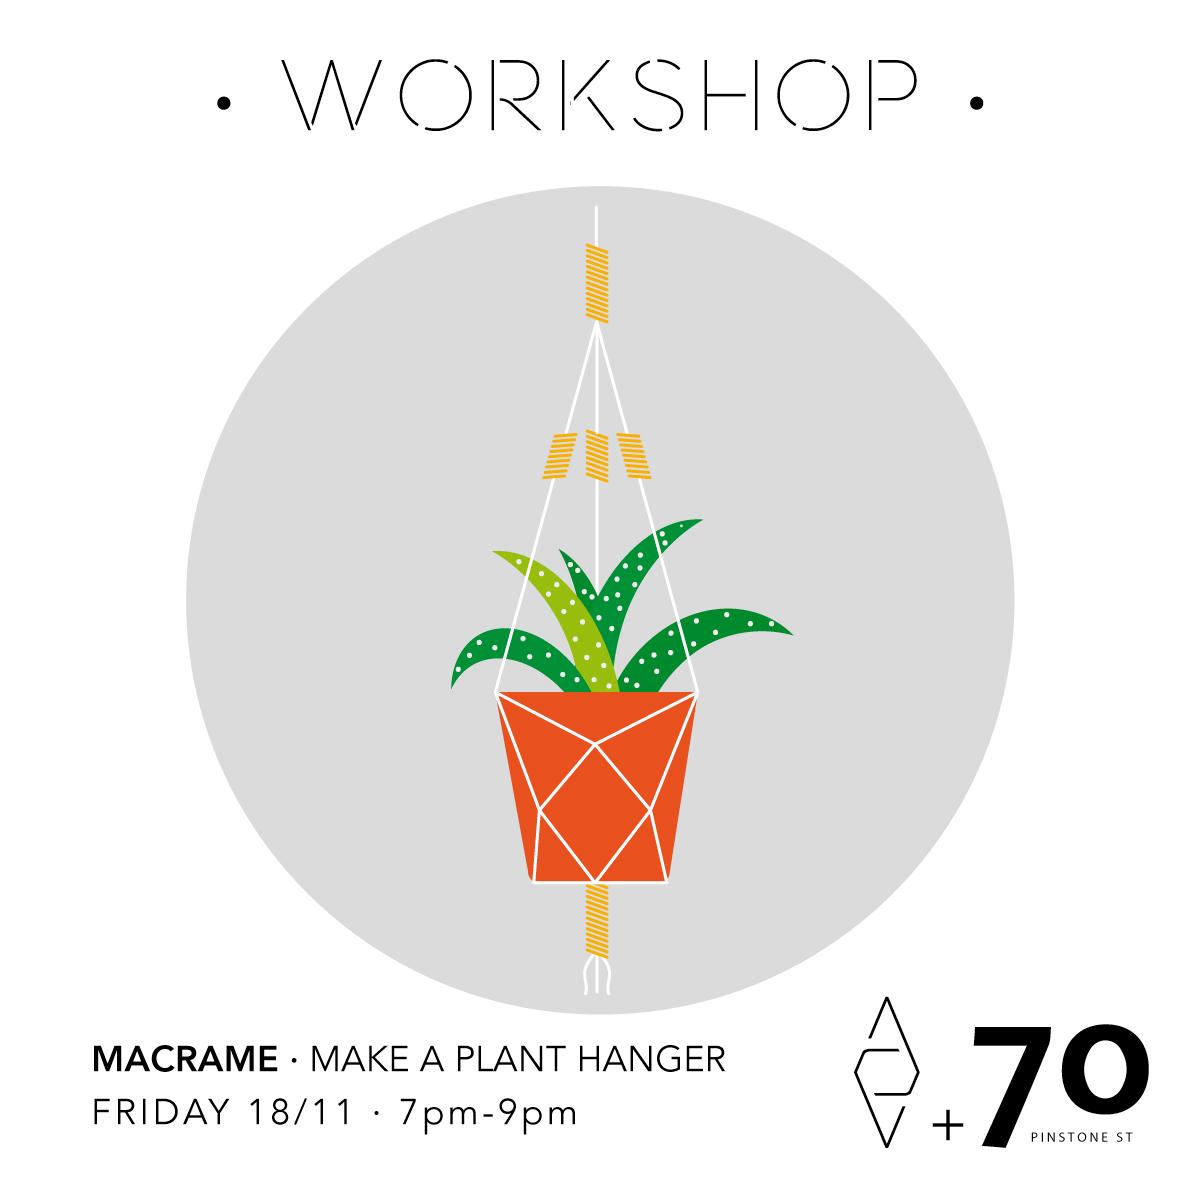 planthanger-workshop1.jpg